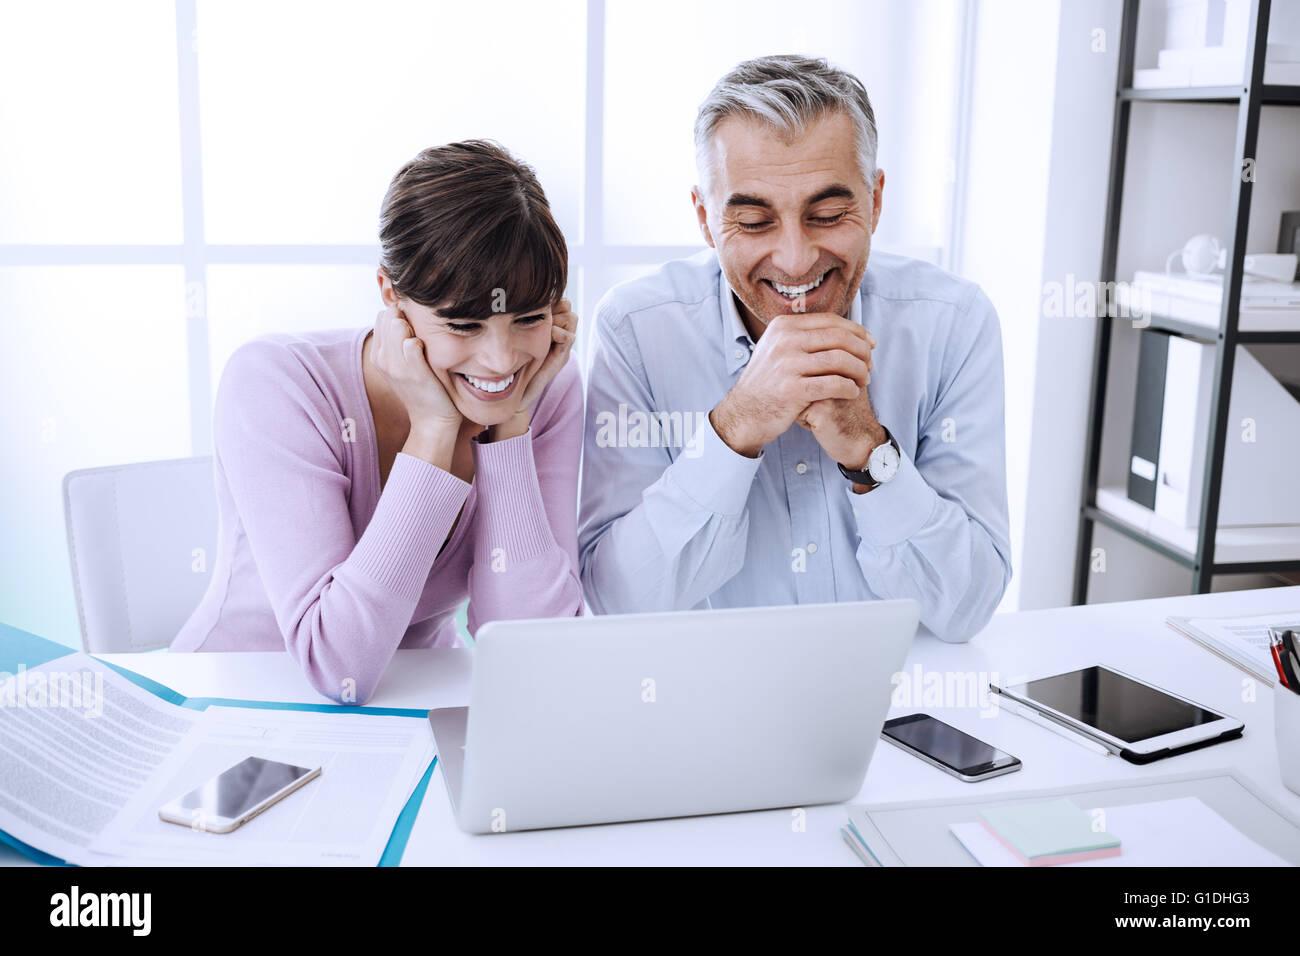 Les employés de bureau assis à un bureau et surfer sur le web avec un ordinateur portable, ils profitent Photo Stock